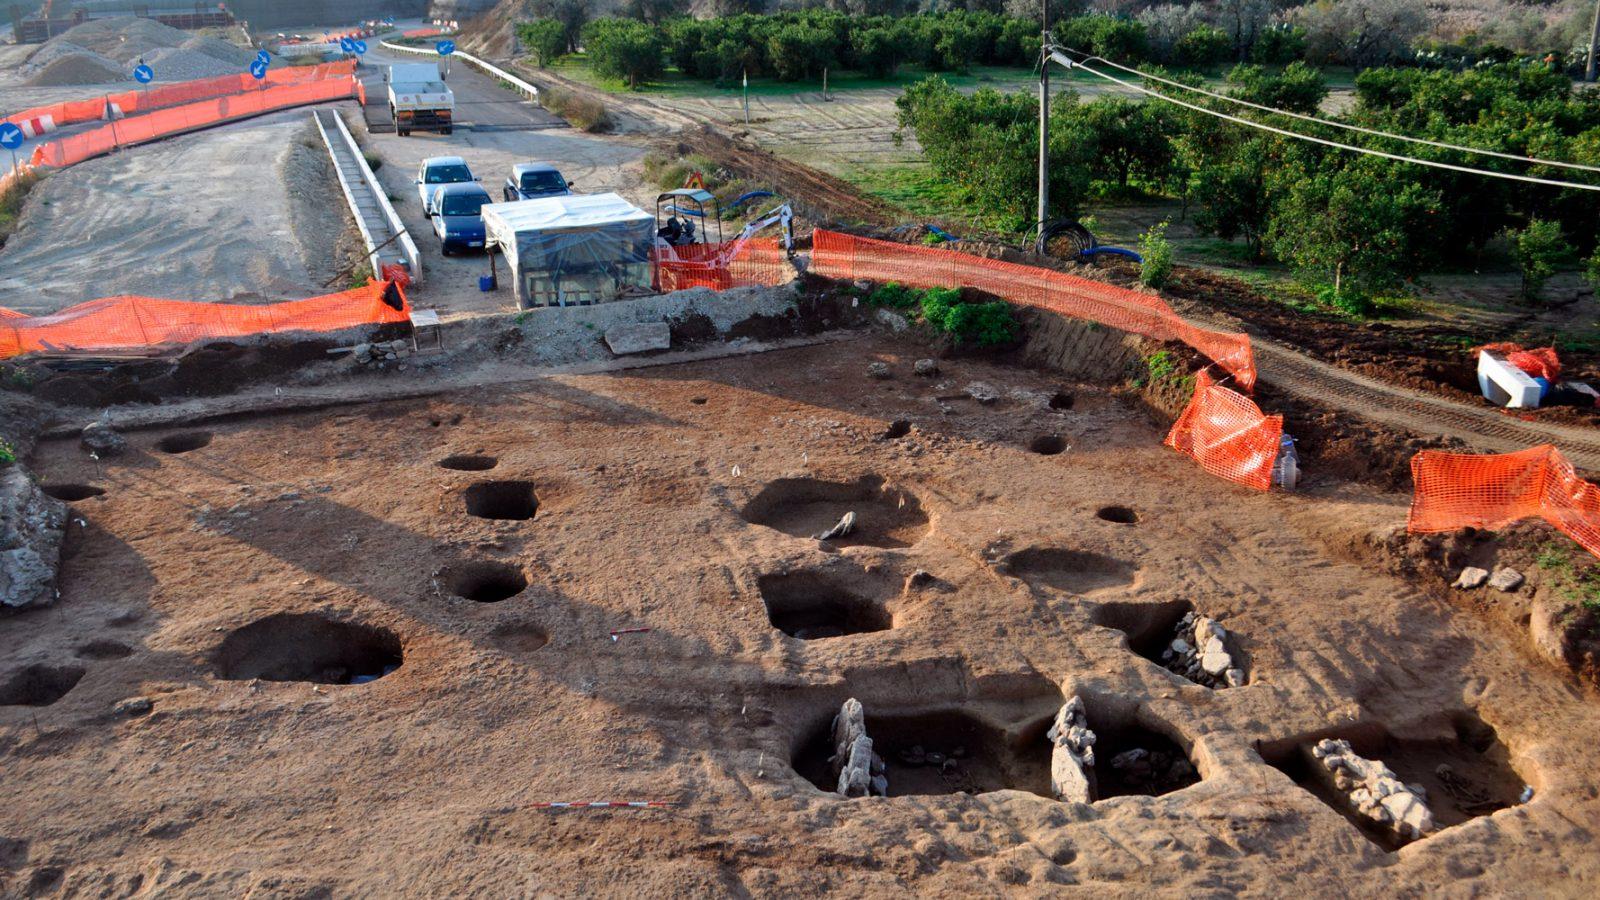 Panoramica dell'area della necropoli di Galliano (Palagiano, Taranto) - (fonte: Anas, L'archeologia si fa strada. Scavi, scoperte e tesori lungo le vie d'Italia, 2017)